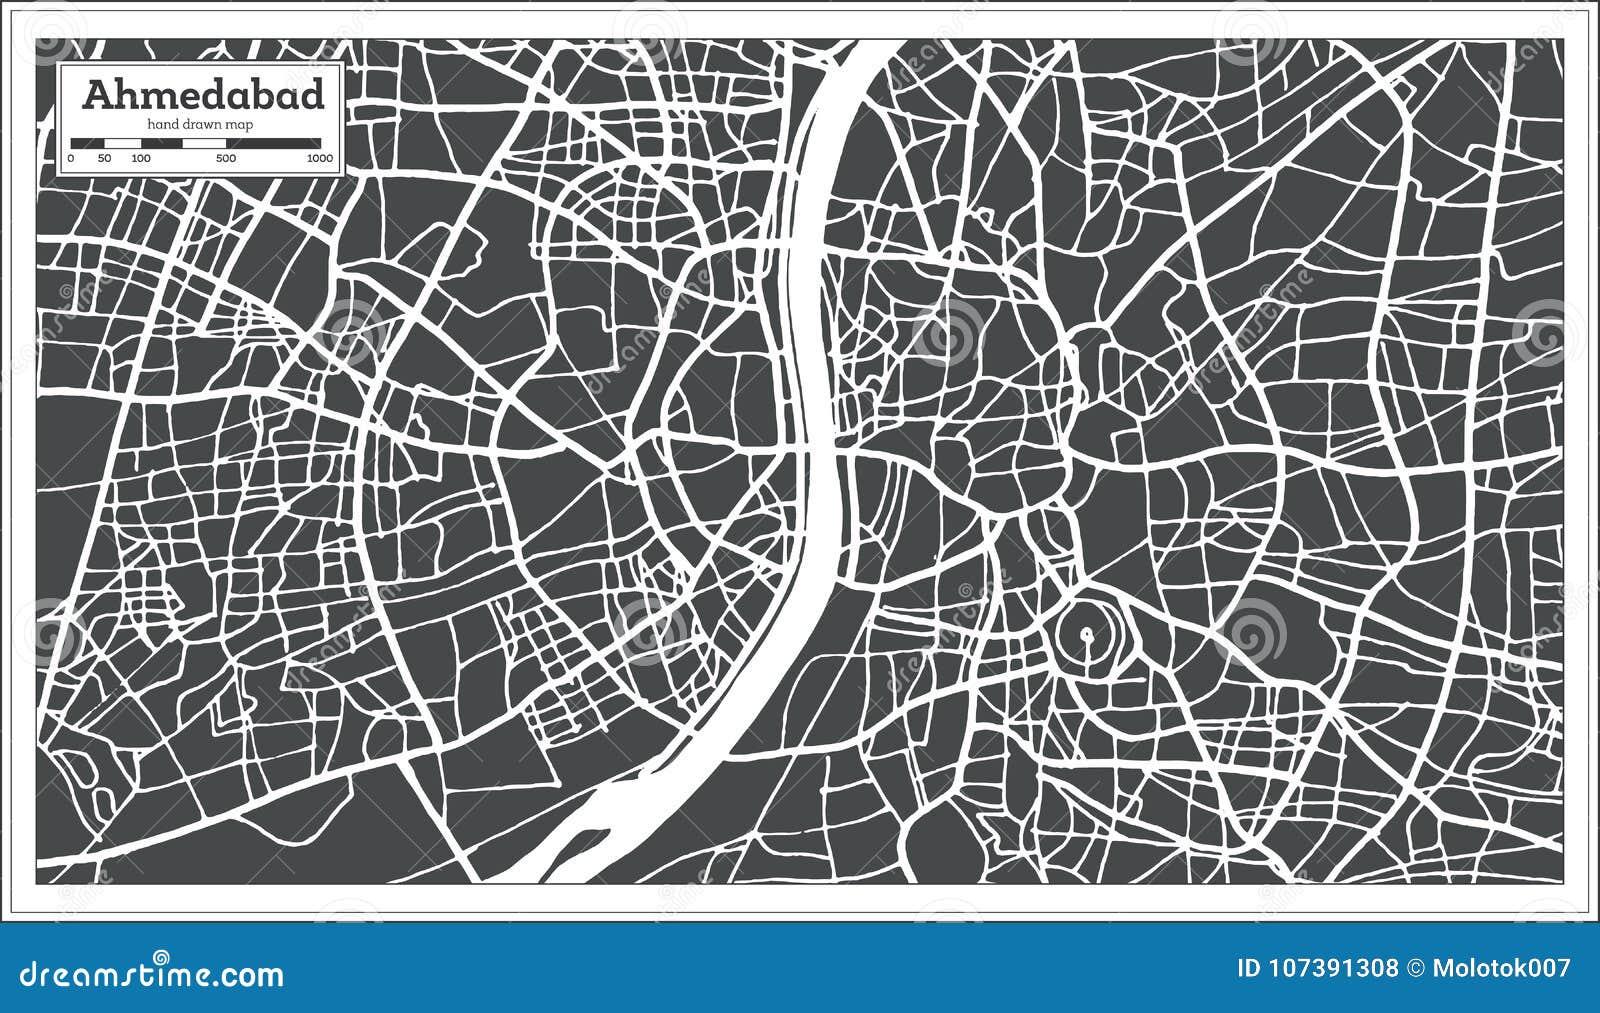 Carte Inde Ahmedabad.Carte De Ville D Inde D Ahmedabad Dans Le Retro Style